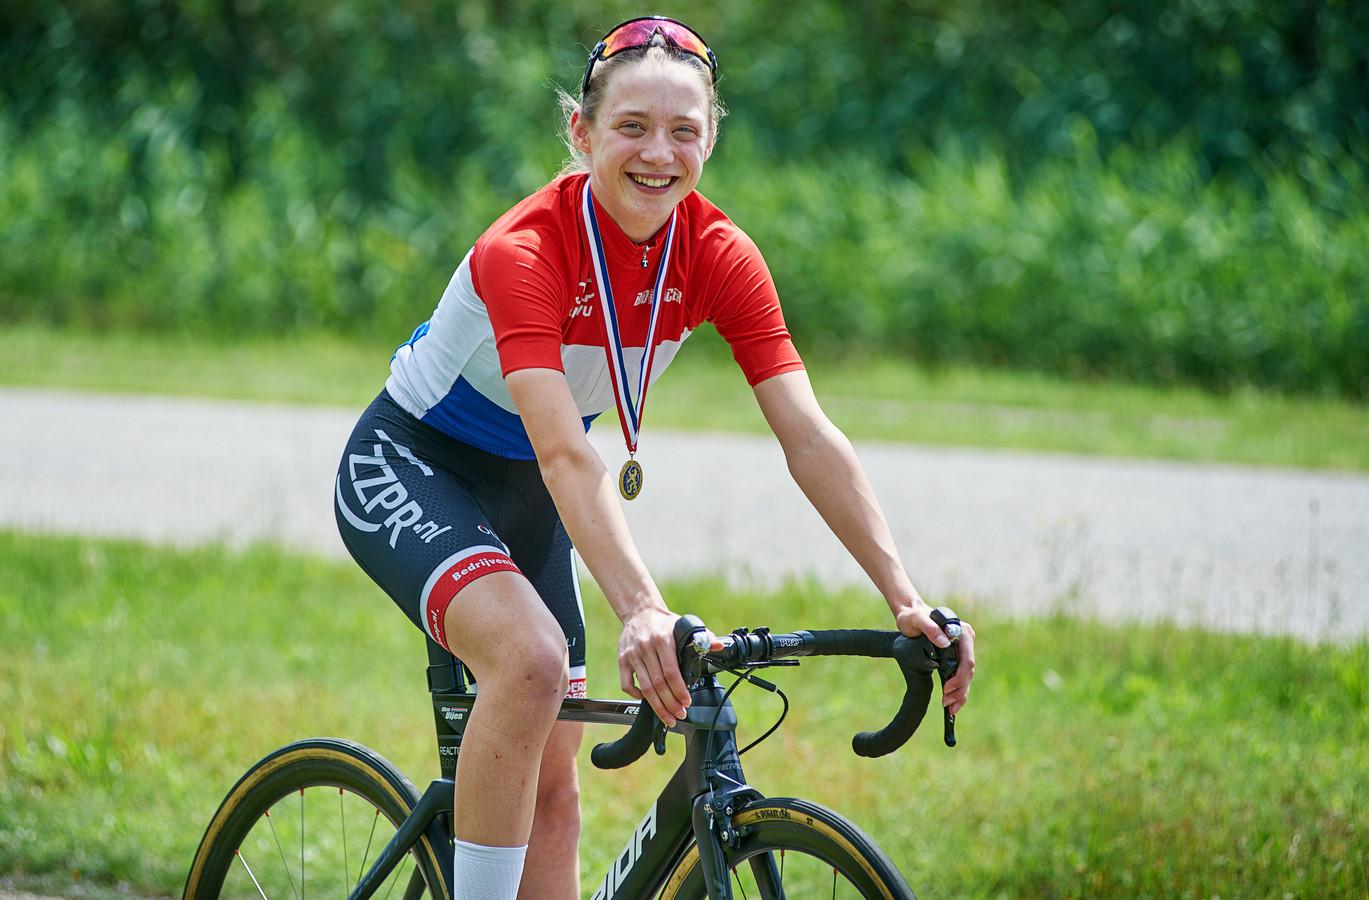 Elise Uijen uit Herpen is Nederlands kampioen  tijdrijden (wielrennen).